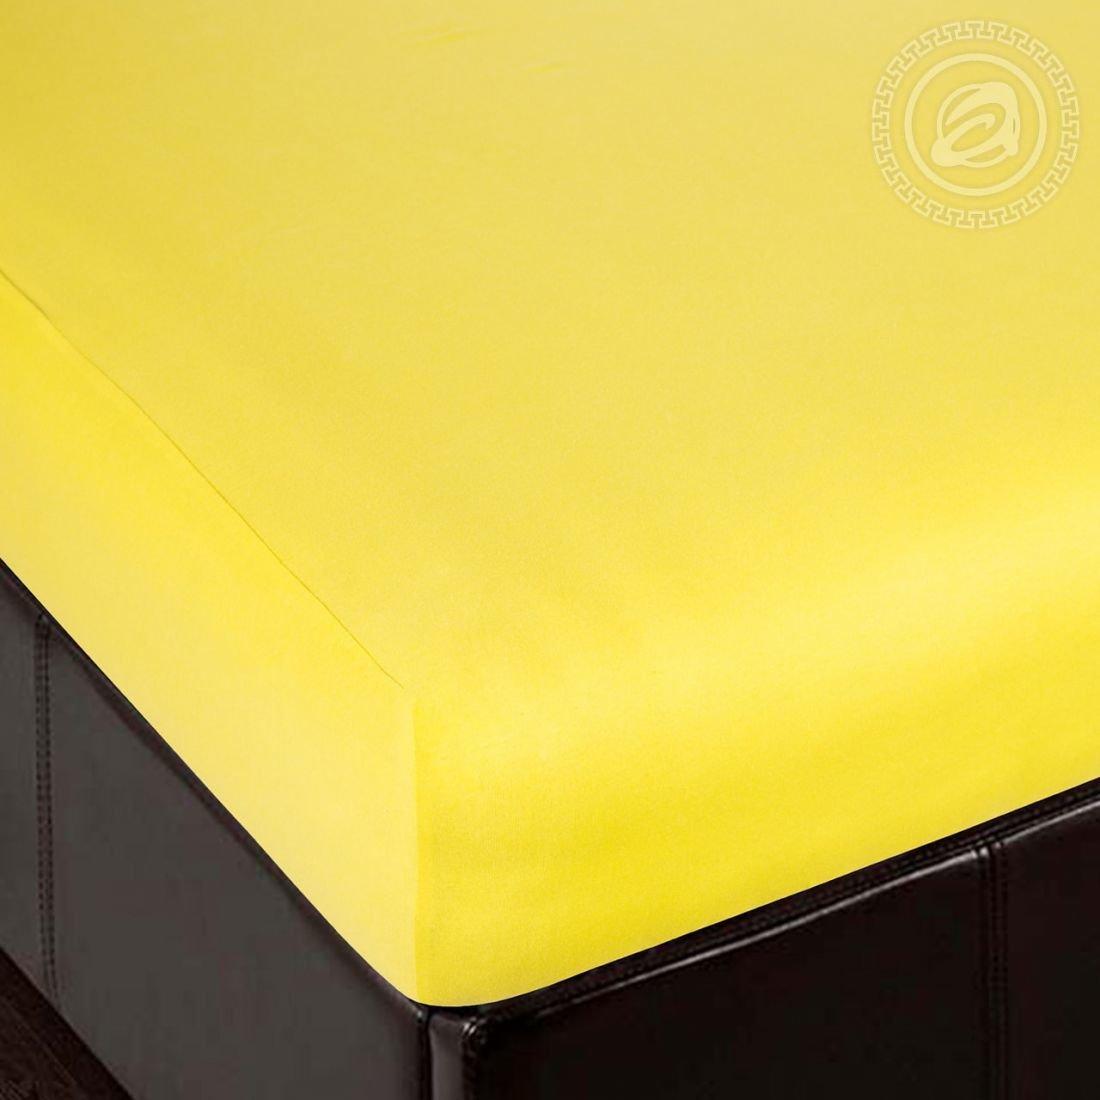 Простынь лимон - простынь на резинке, размер 120х200, ткань трикотаж, Артпостель